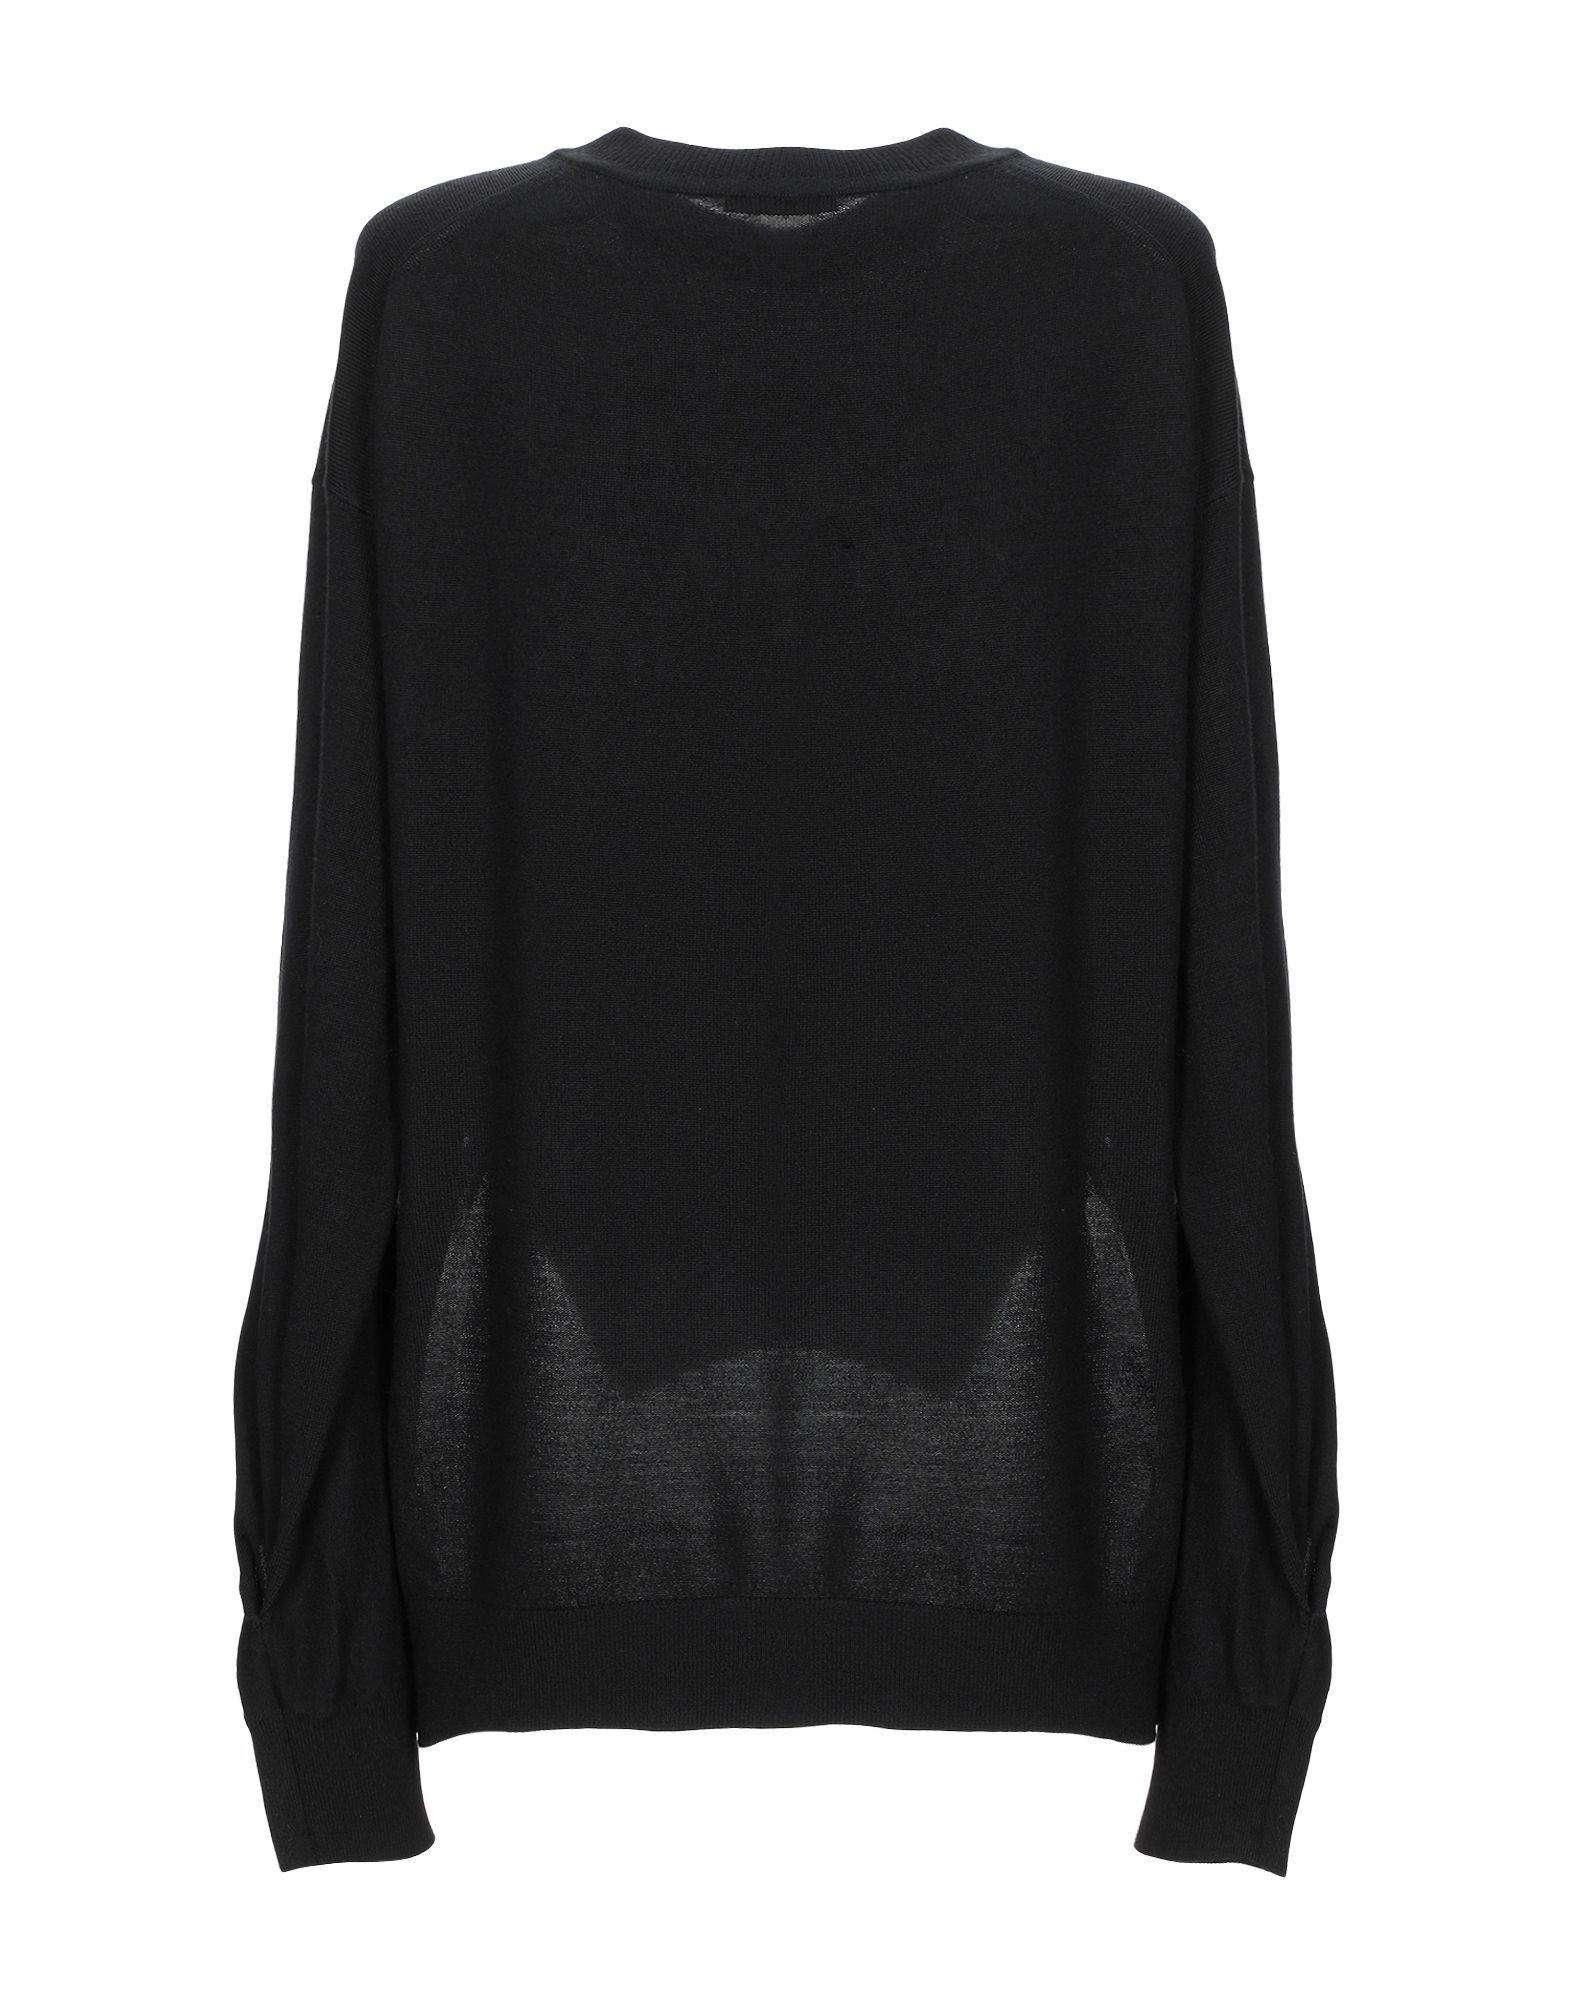 Alexanderwang.T Black Merino Wool Jumper